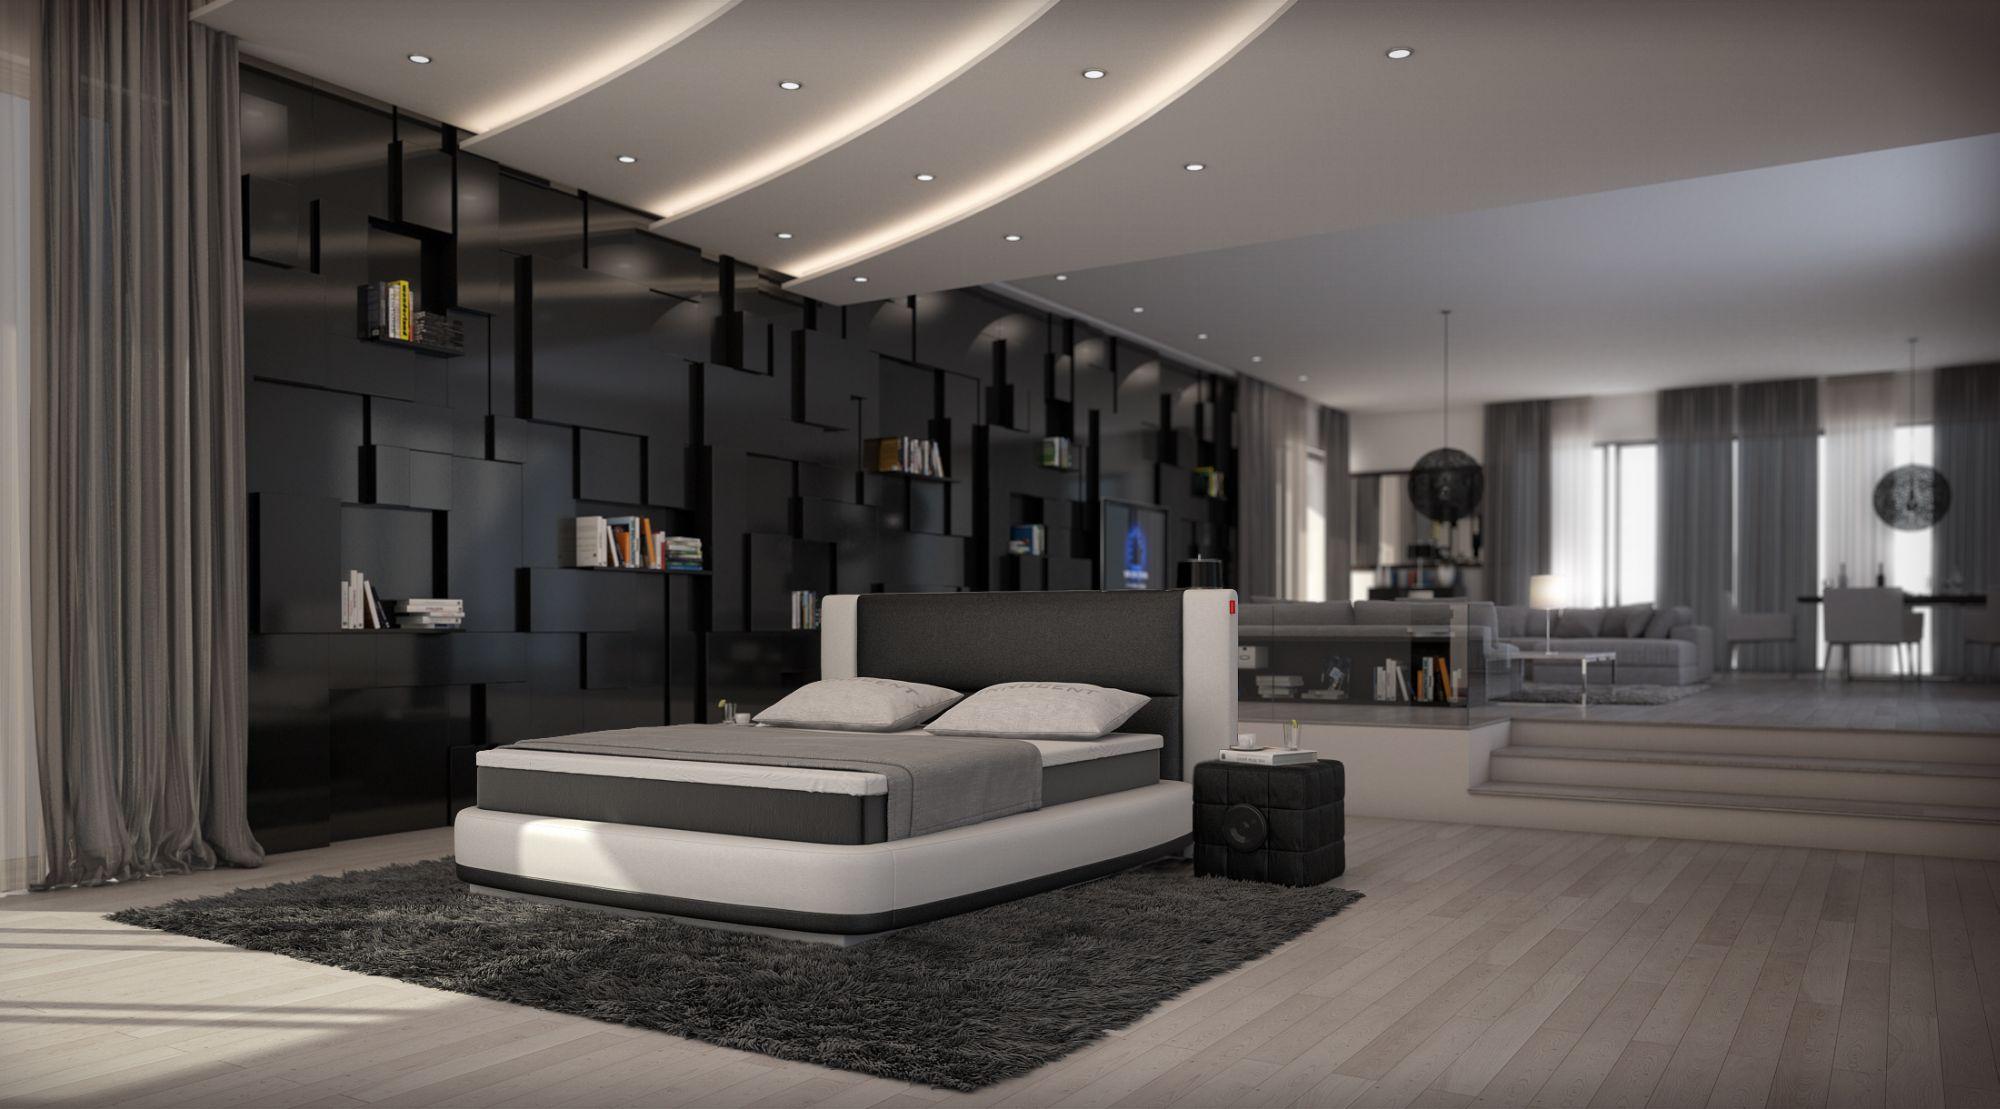 freundschaft oder liebe kapitel 6. Black Bedroom Furniture Sets. Home Design Ideas